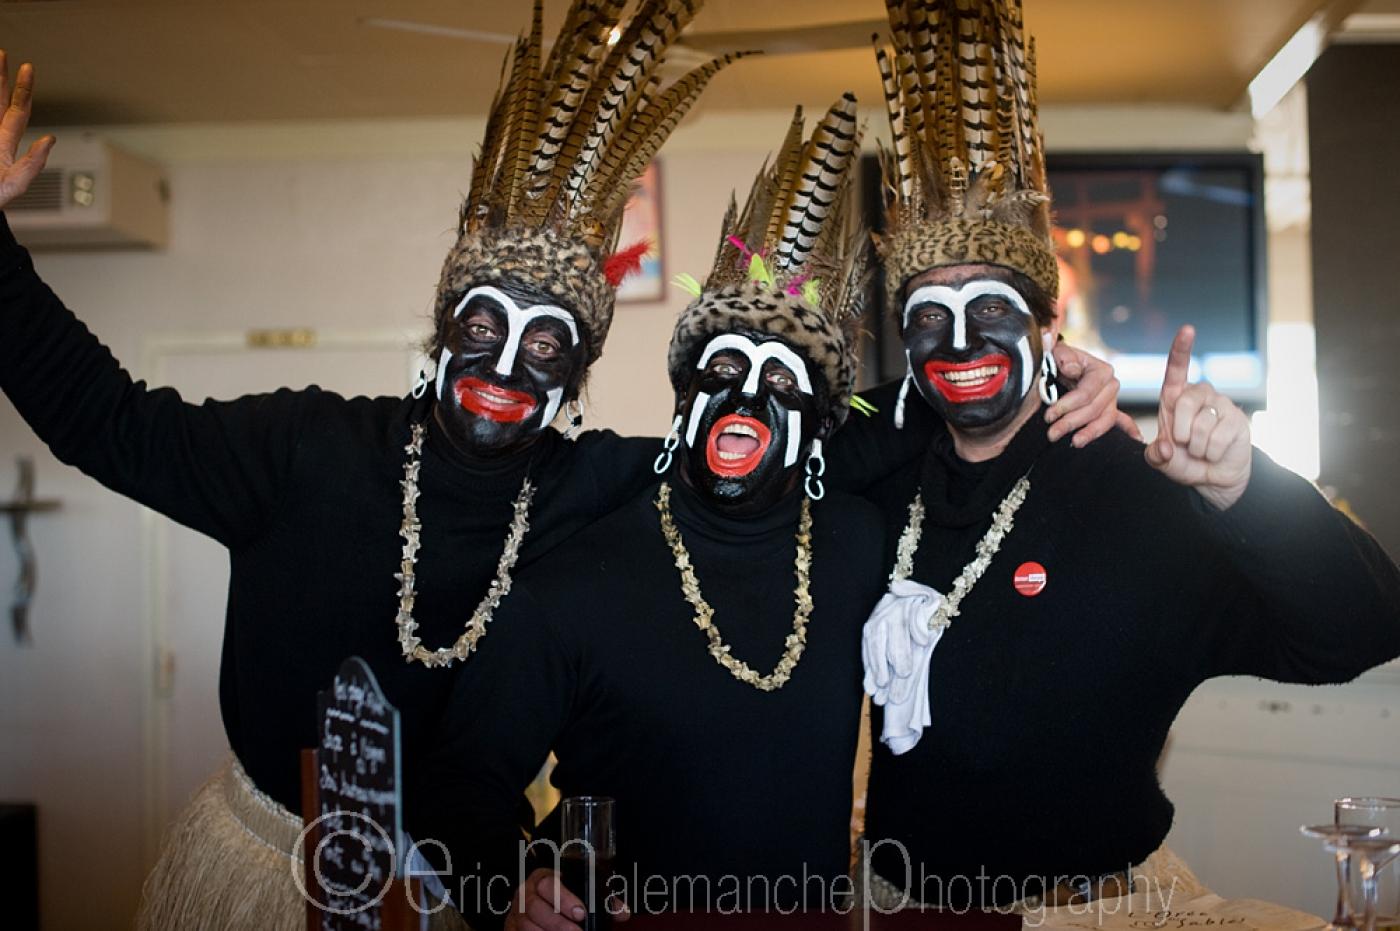 https://www.ericmalemanche.com/imagess/topics/carnaval-de-dunkerque/liste/Carnaval-Dunkerque-1297.jpg